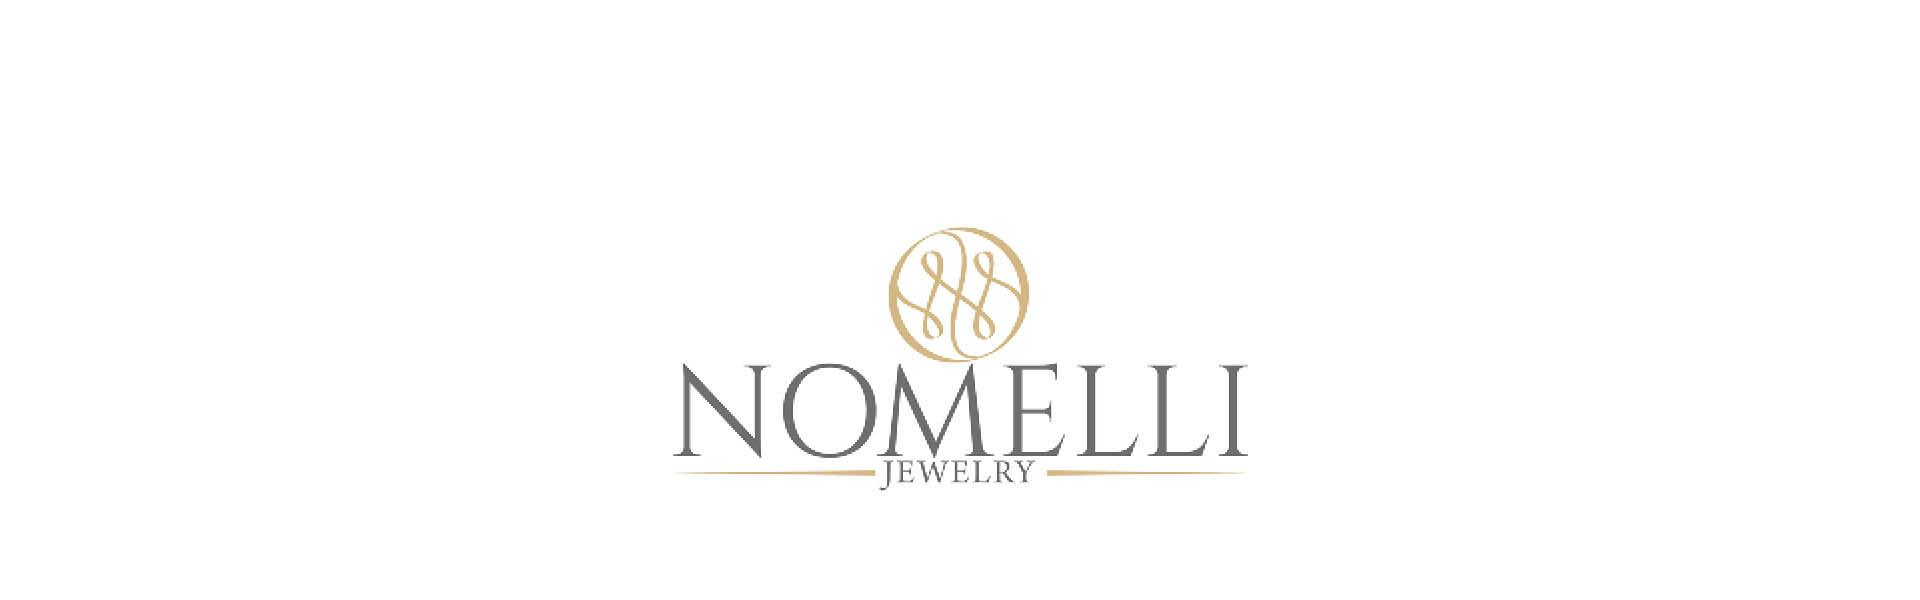 De persoonlijke en luxueuze sieraden van Nomelli!